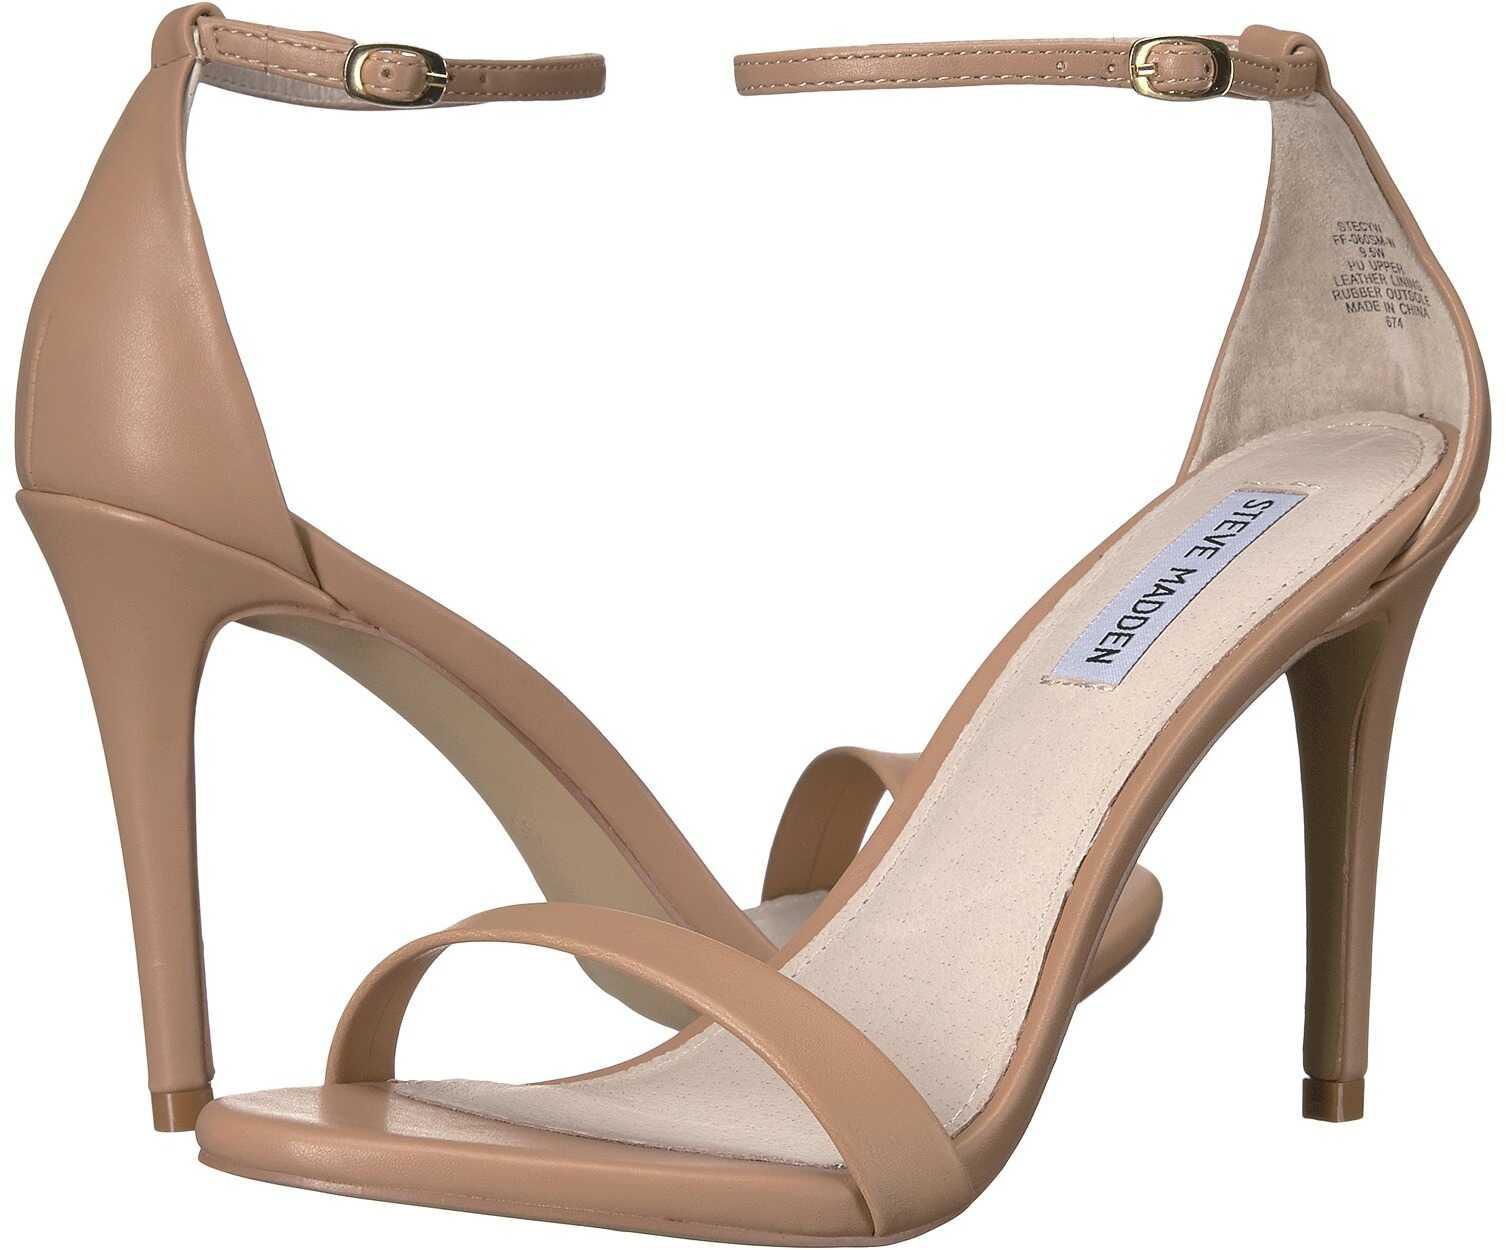 Steve Madden Stecy Stiletto Sandal Natural